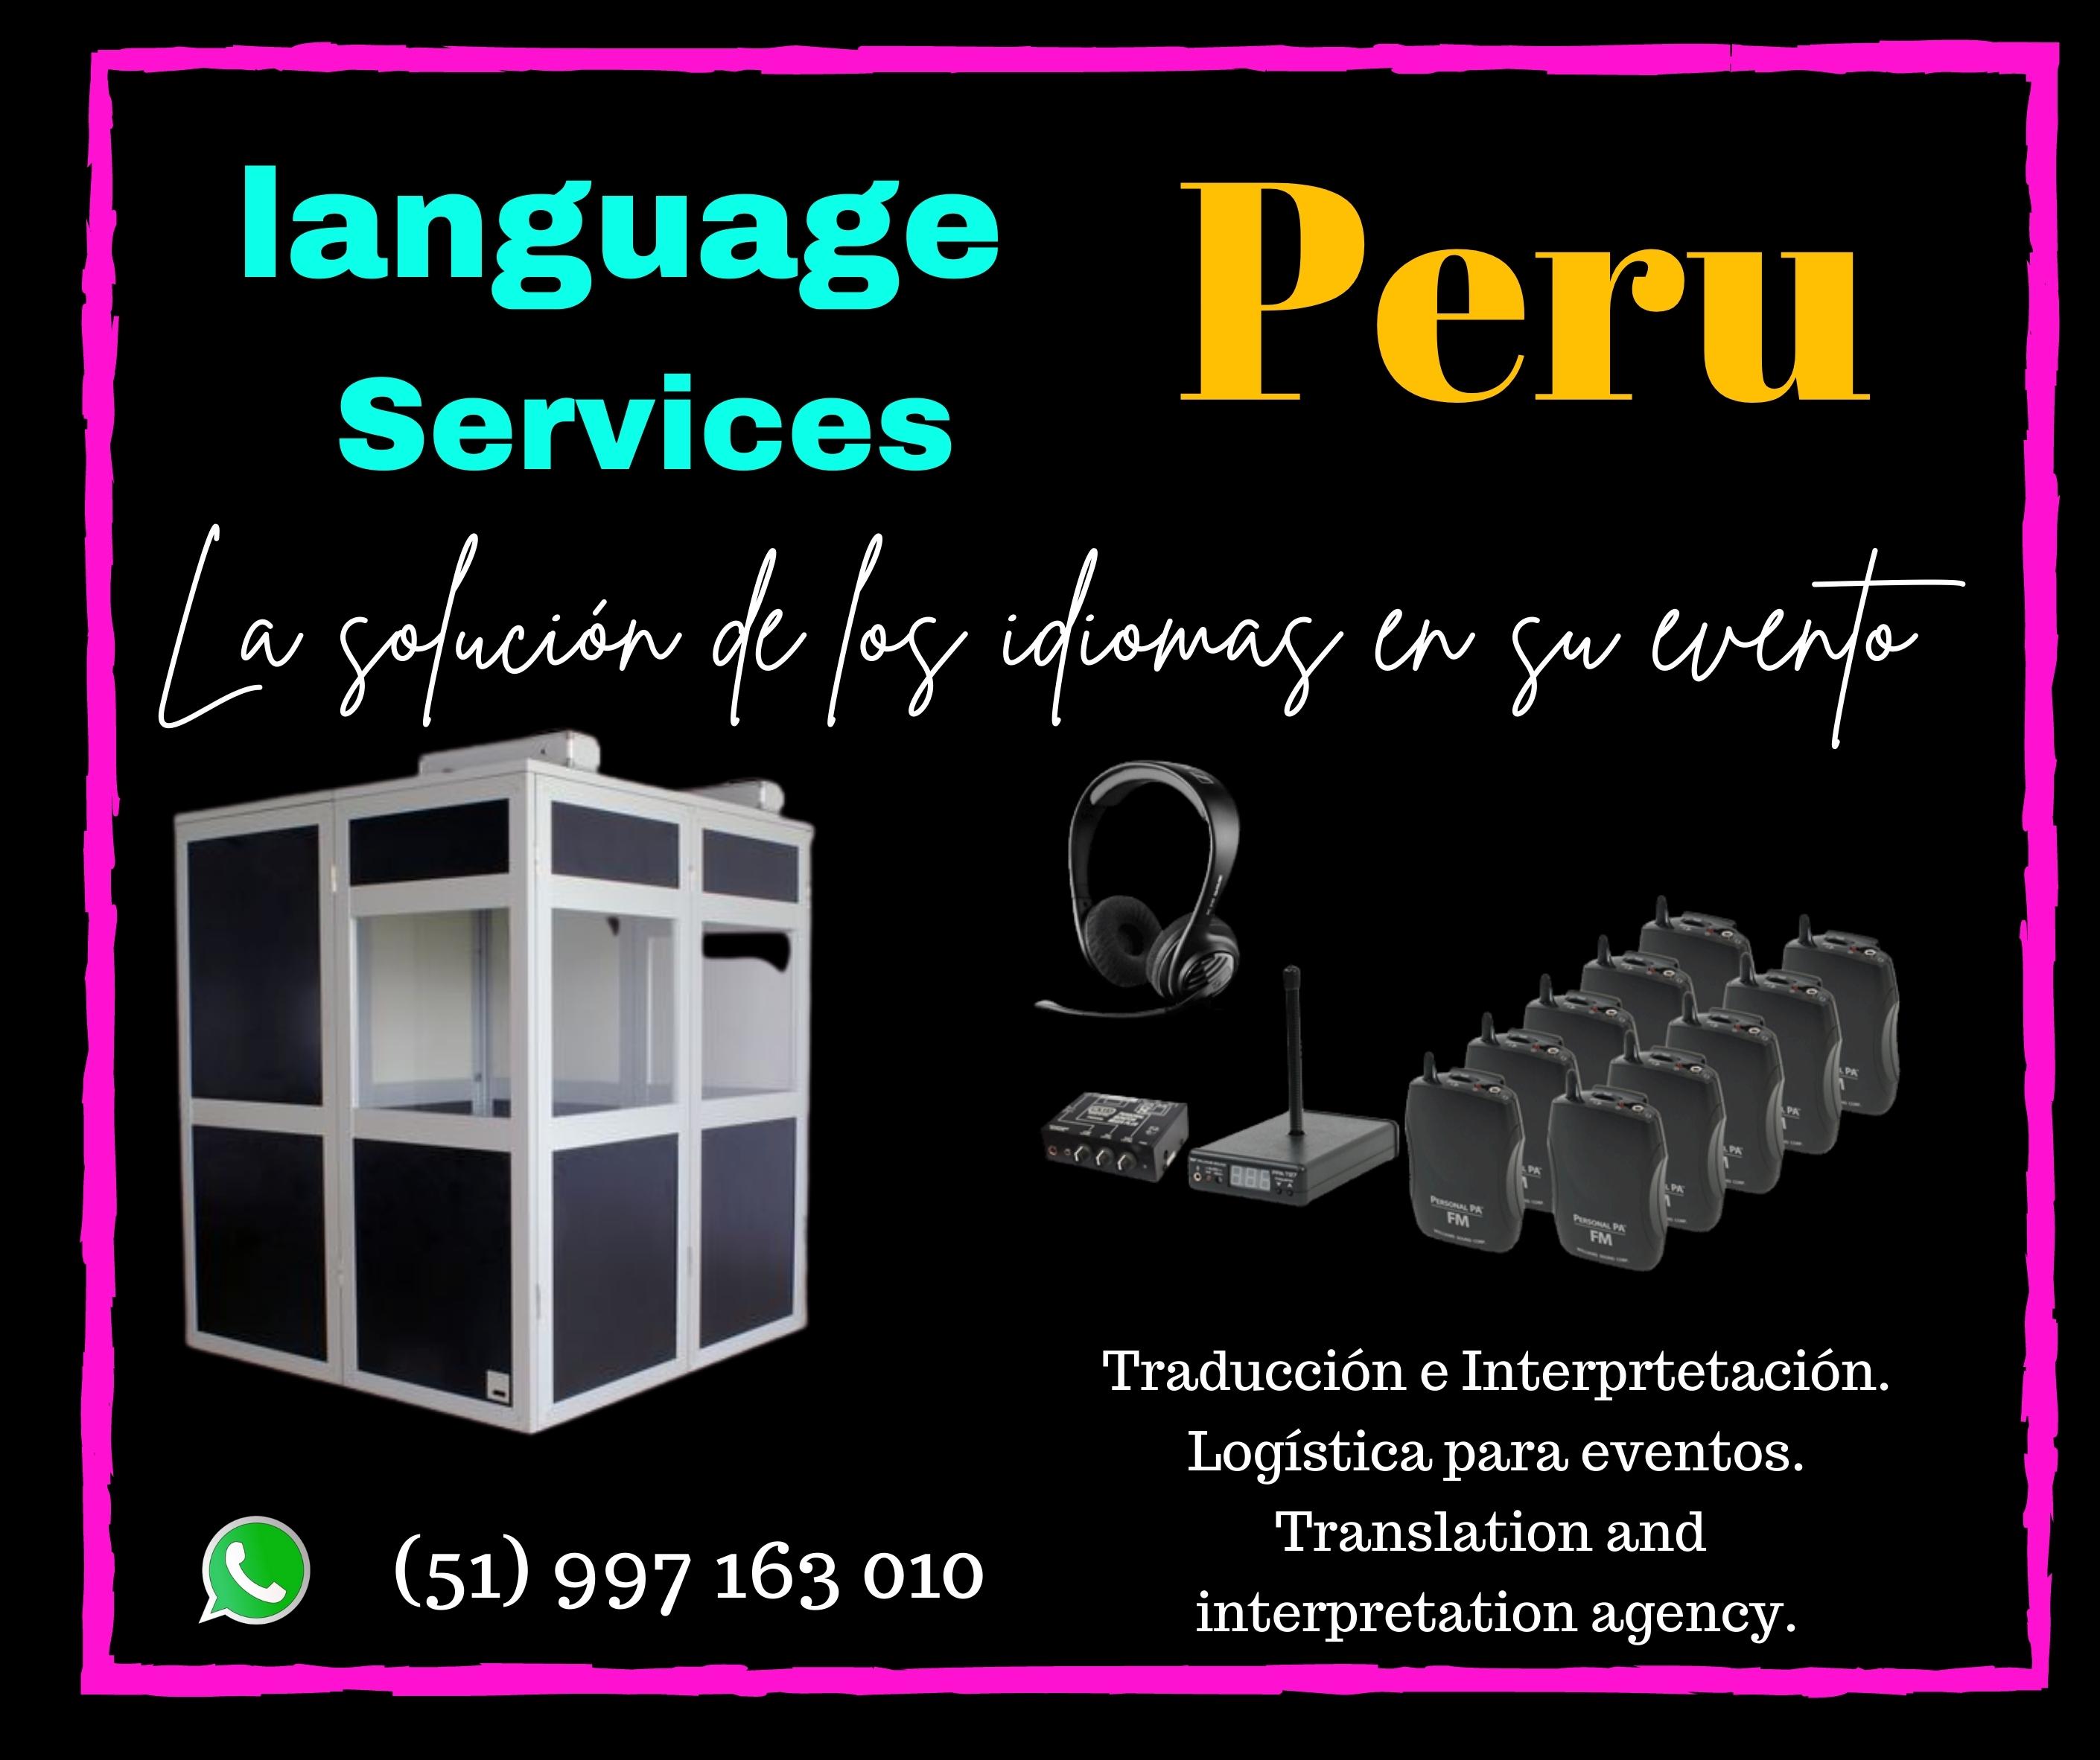 Servicio de traductor inglés, eventos y otros en LIMA/CUSCO